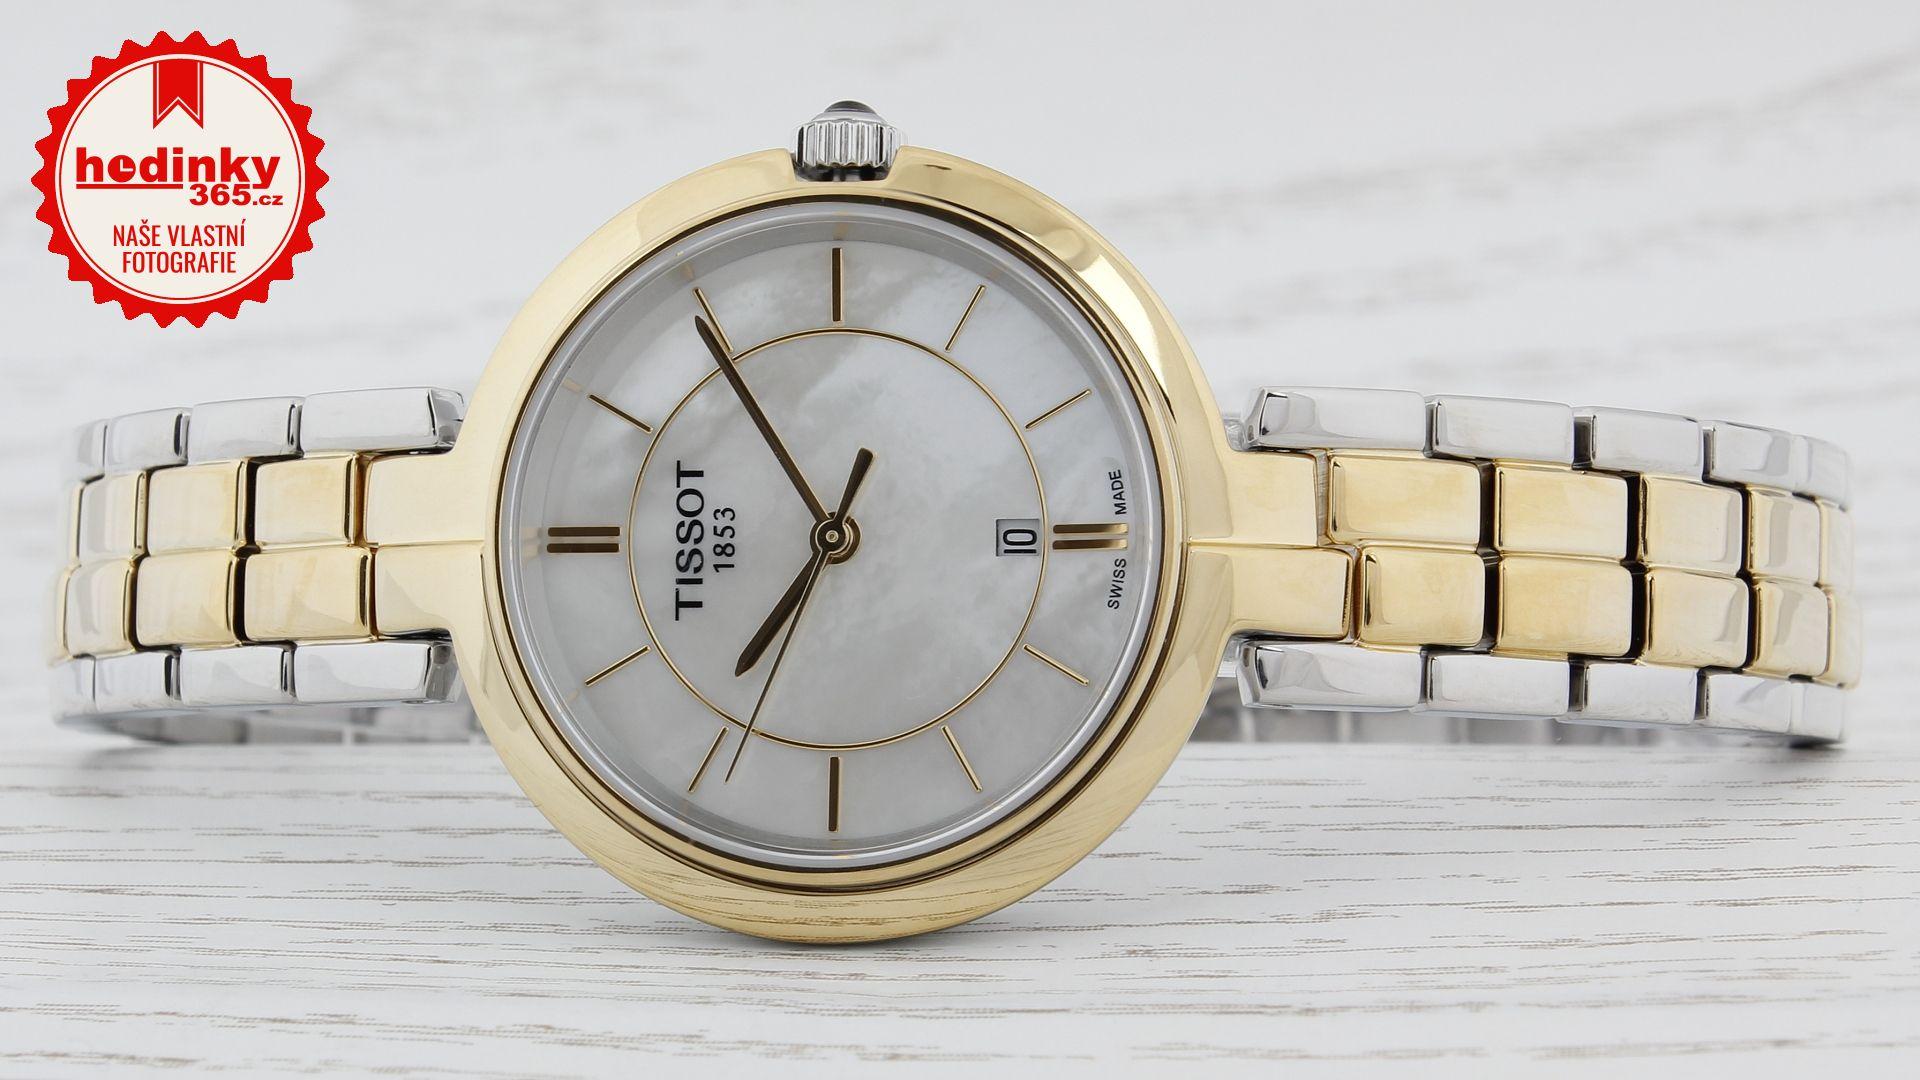 c3d32d6f3 Dámské hodinky - ocelový řemínek, ocel pouzdro, safírové sklíčko. Veškeré  technické parametry naleznete níže